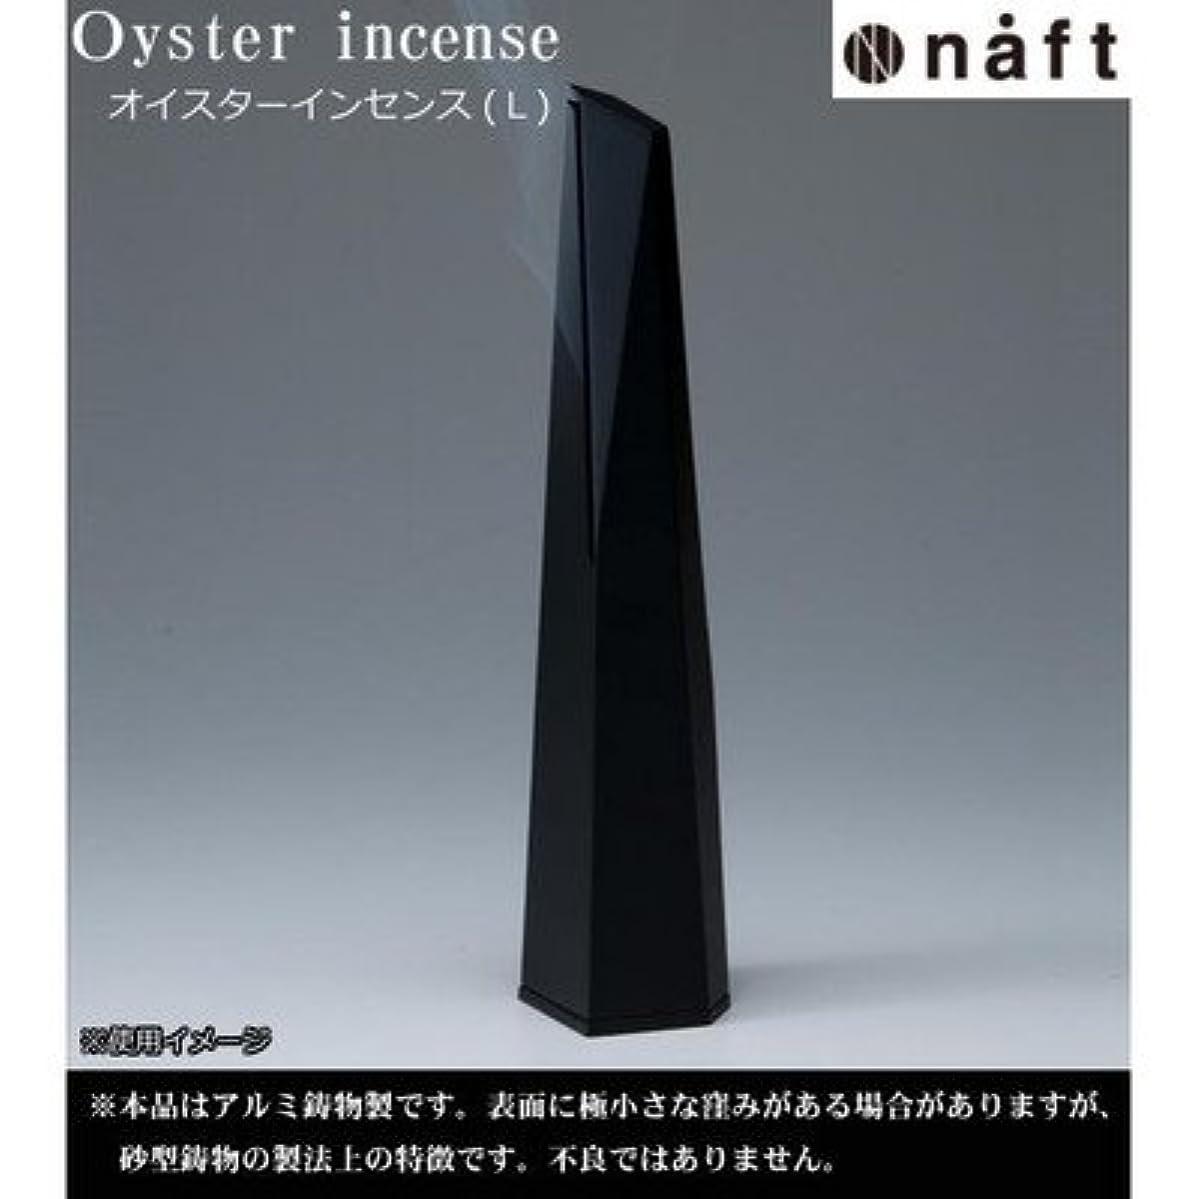 既婚強風活力シンプルだけどインパクトのあるフォルムのお香立て naft Oyster incense オイスターインセンス 香炉 Lサイズ ブラック